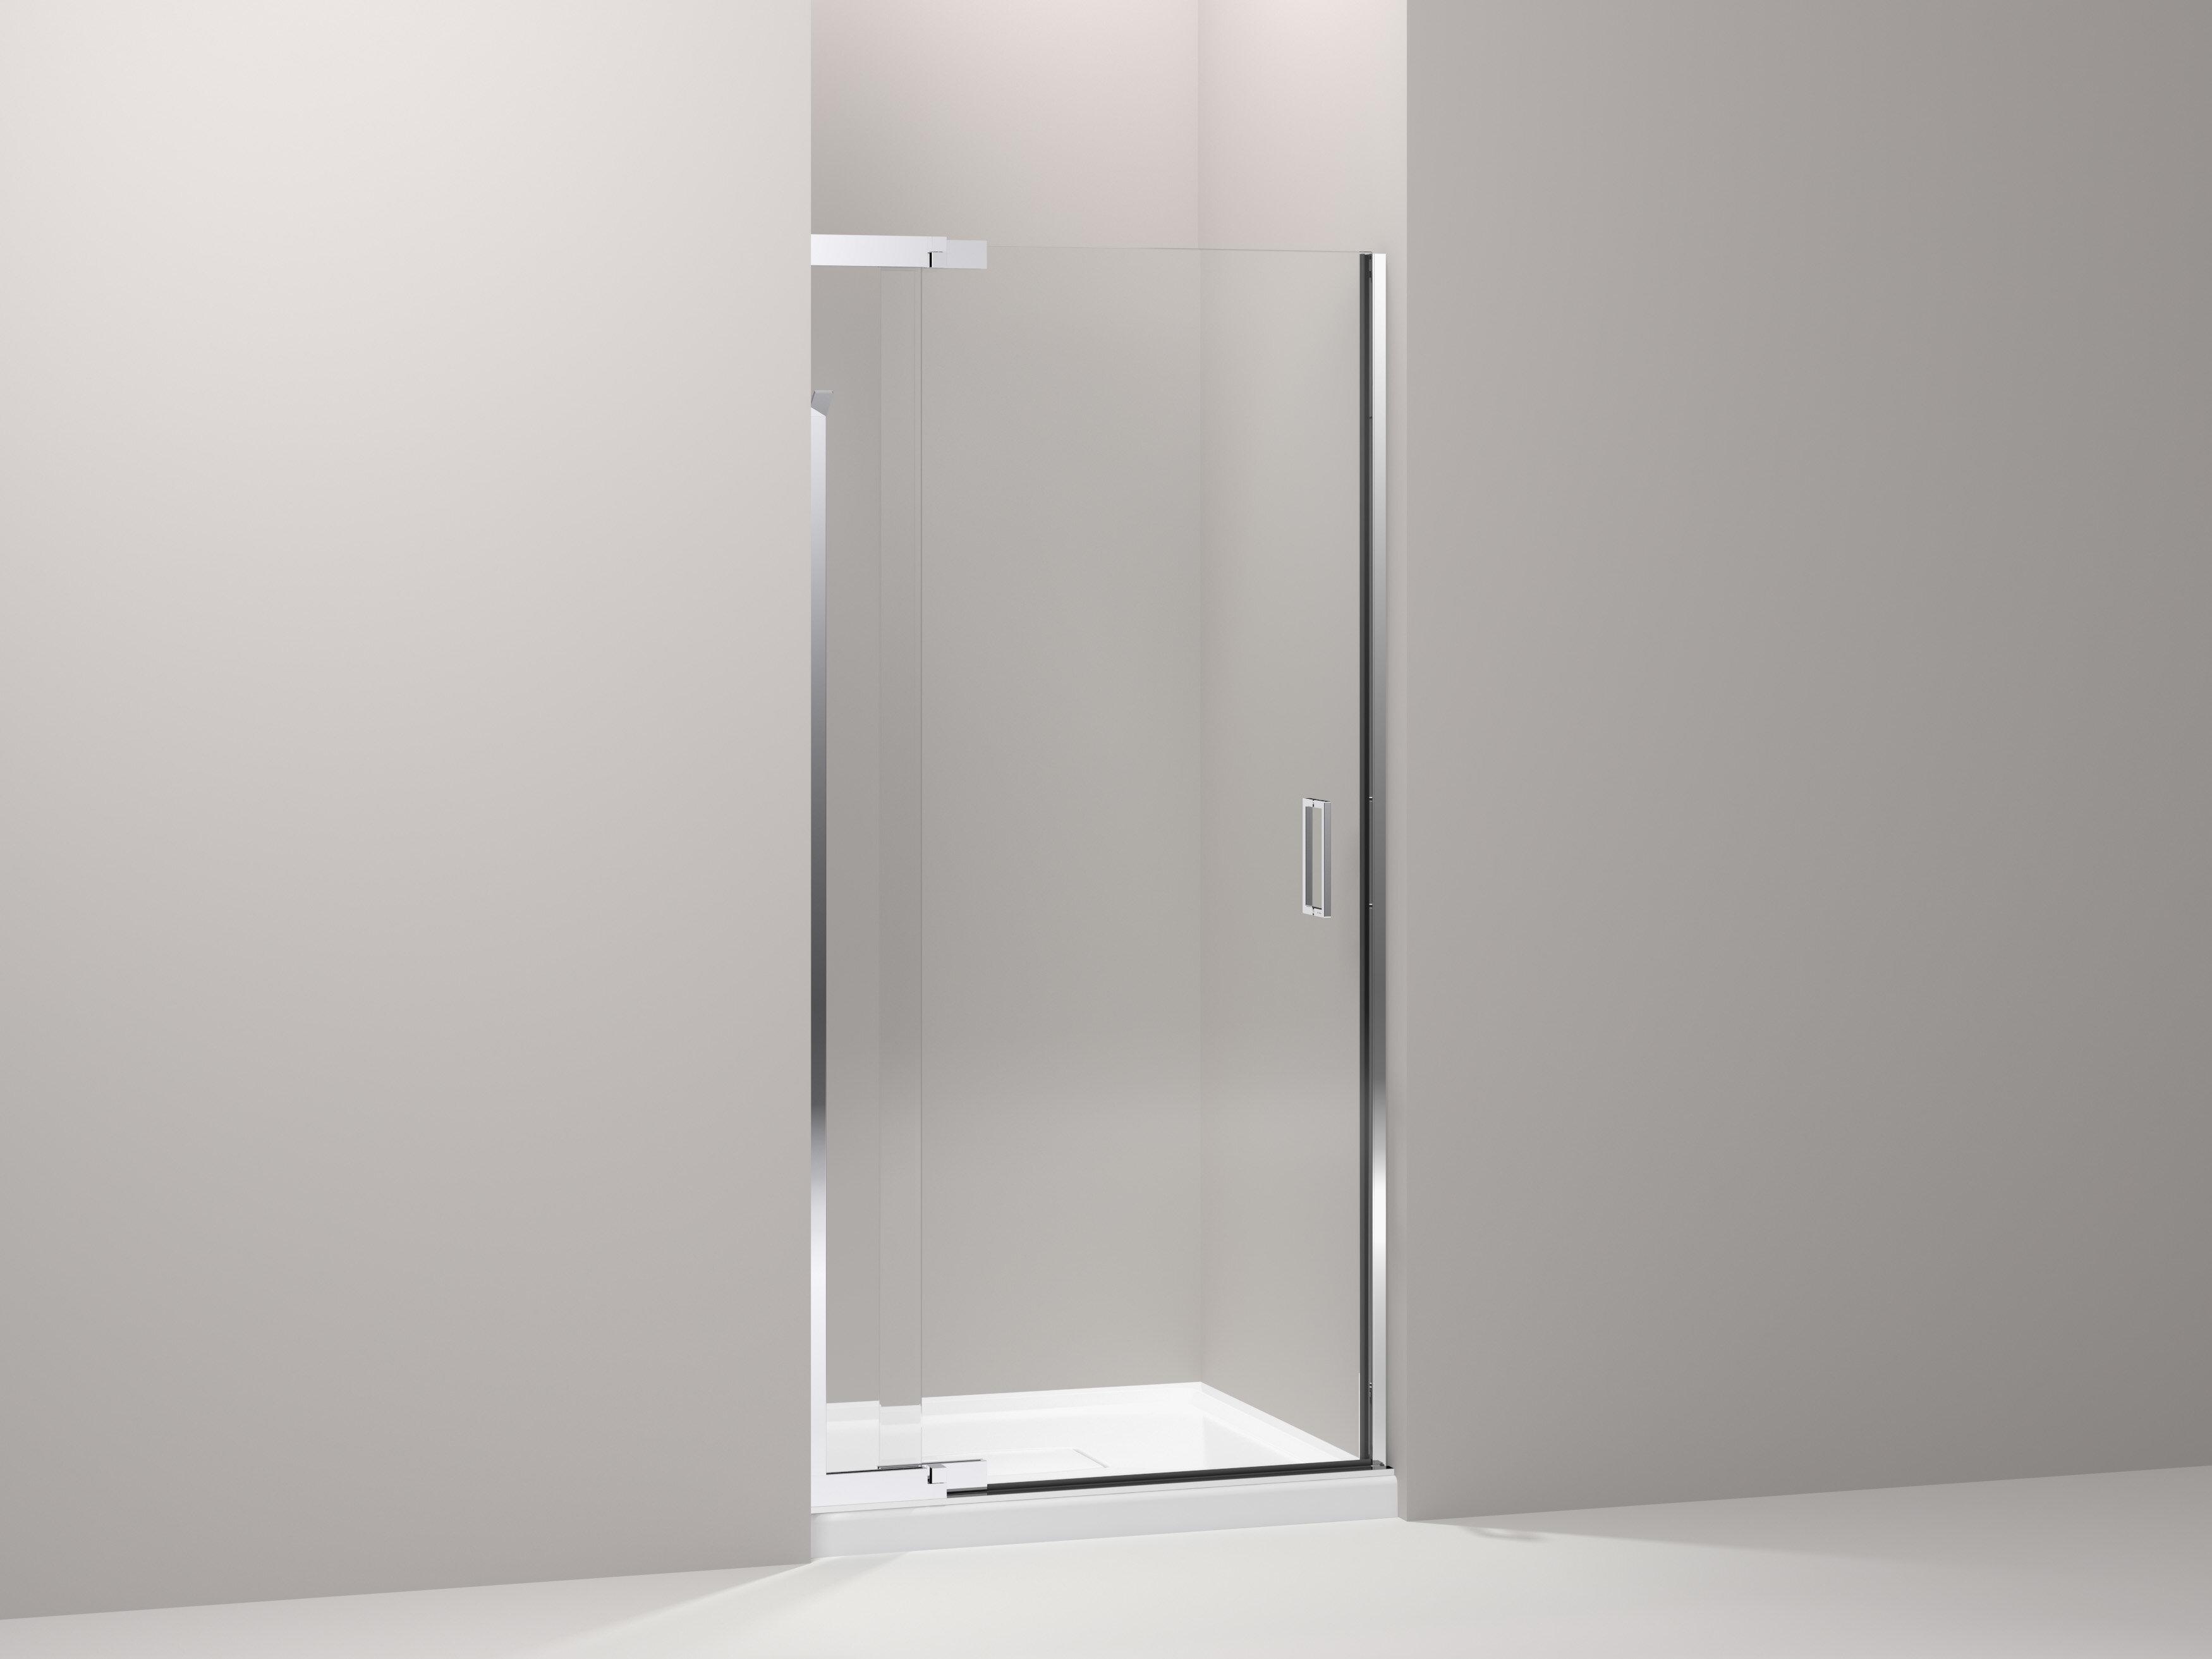 K 702010 L Bnsh Kohler Purist 33 X 72 Pivot Shower Door With